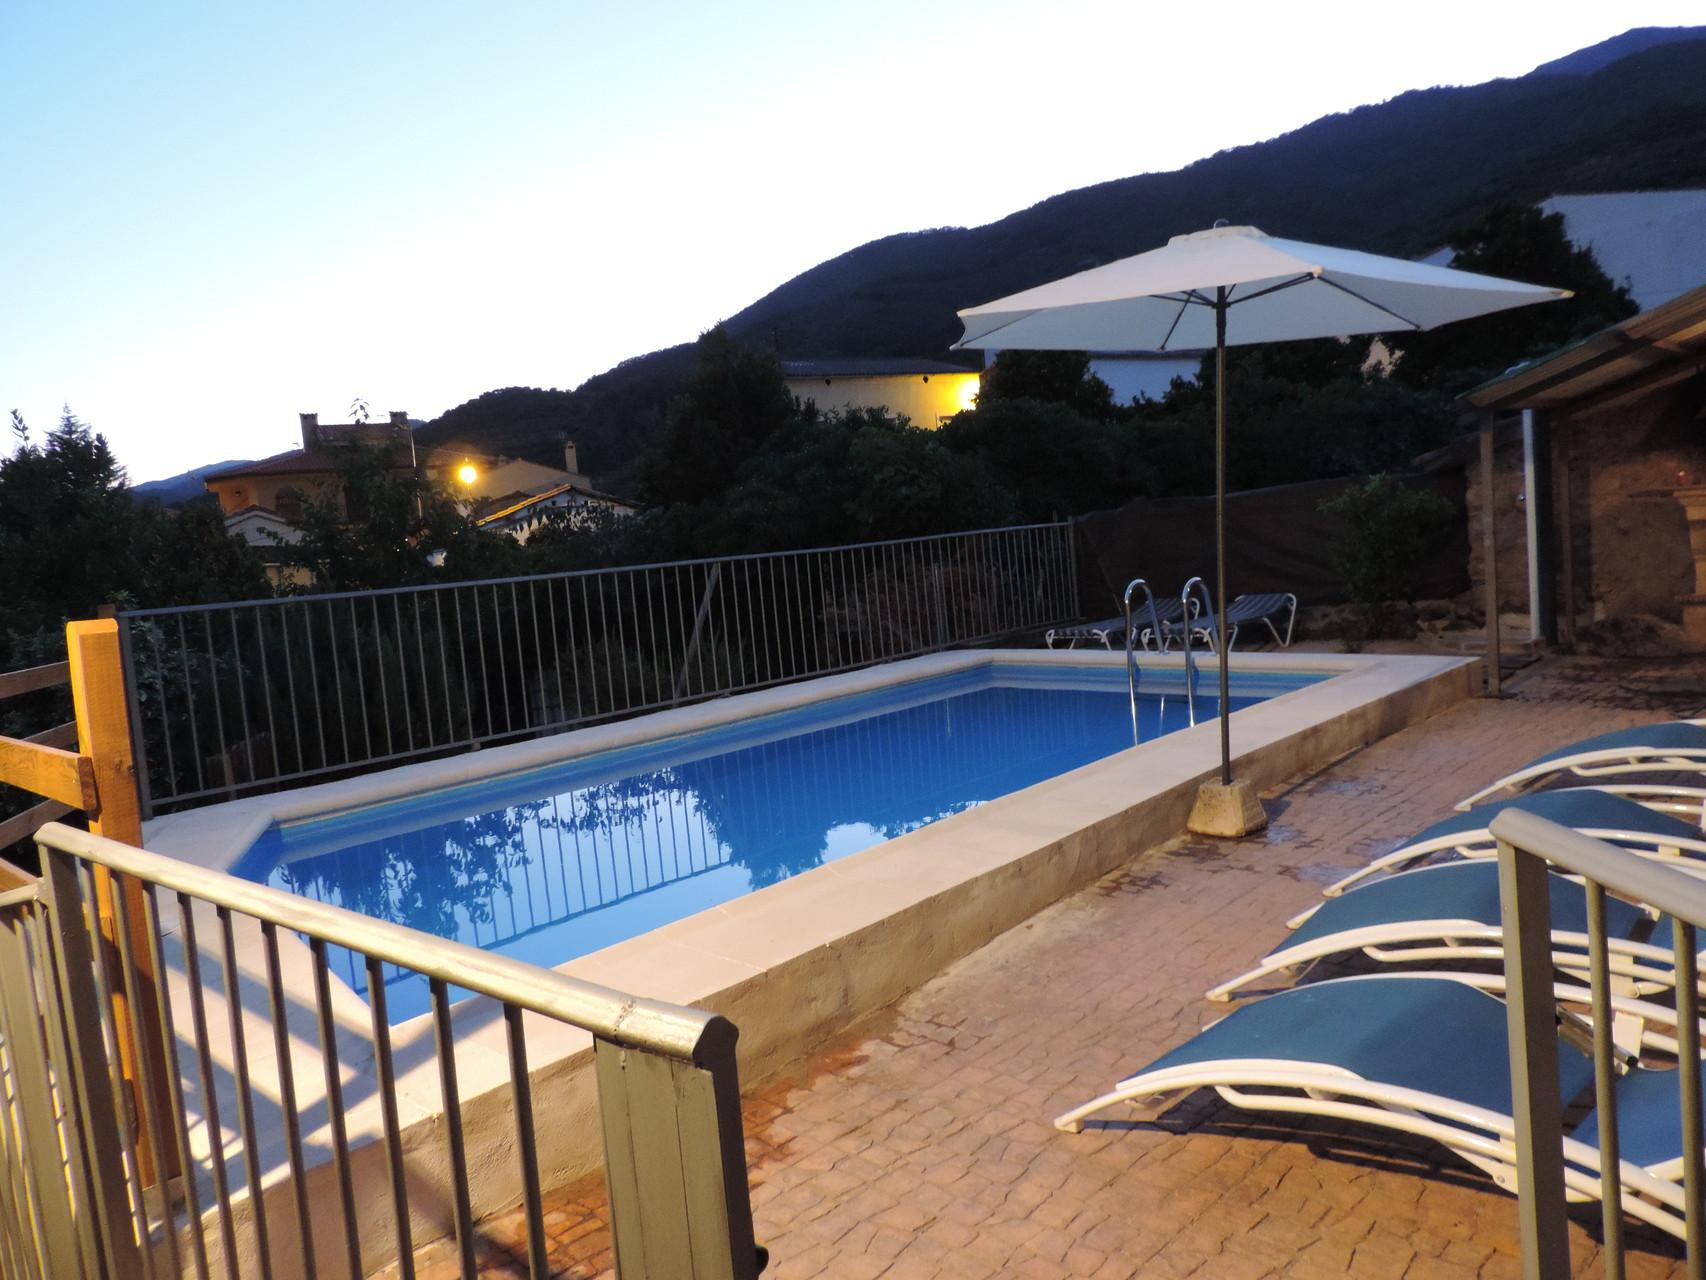 Casa rural casona de jerte valle del jerte que ver y alojamientos en casas rurales - Casas rurales en el jerte con piscina ...